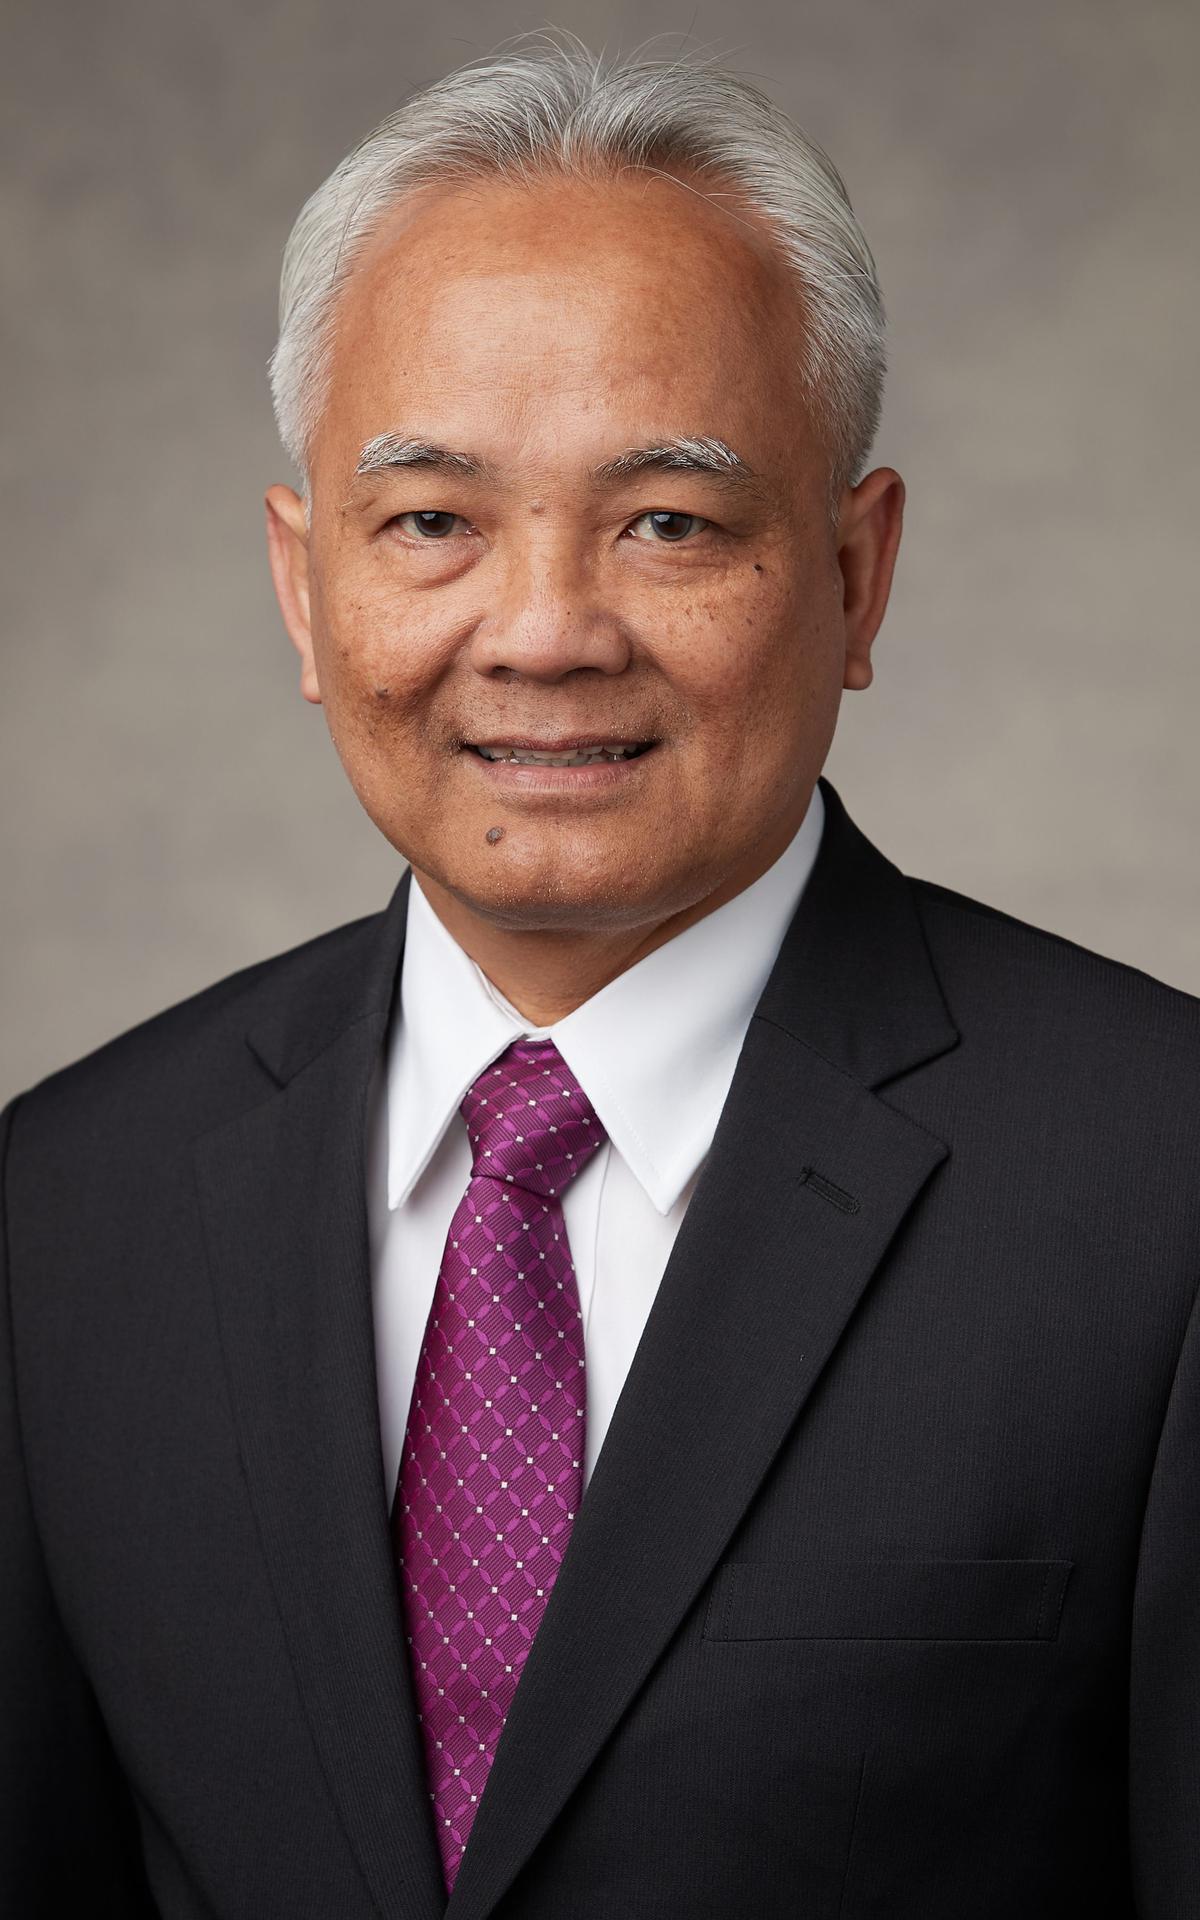 亞洲區域領袖訊息 :「一直持有聖殿推薦書」